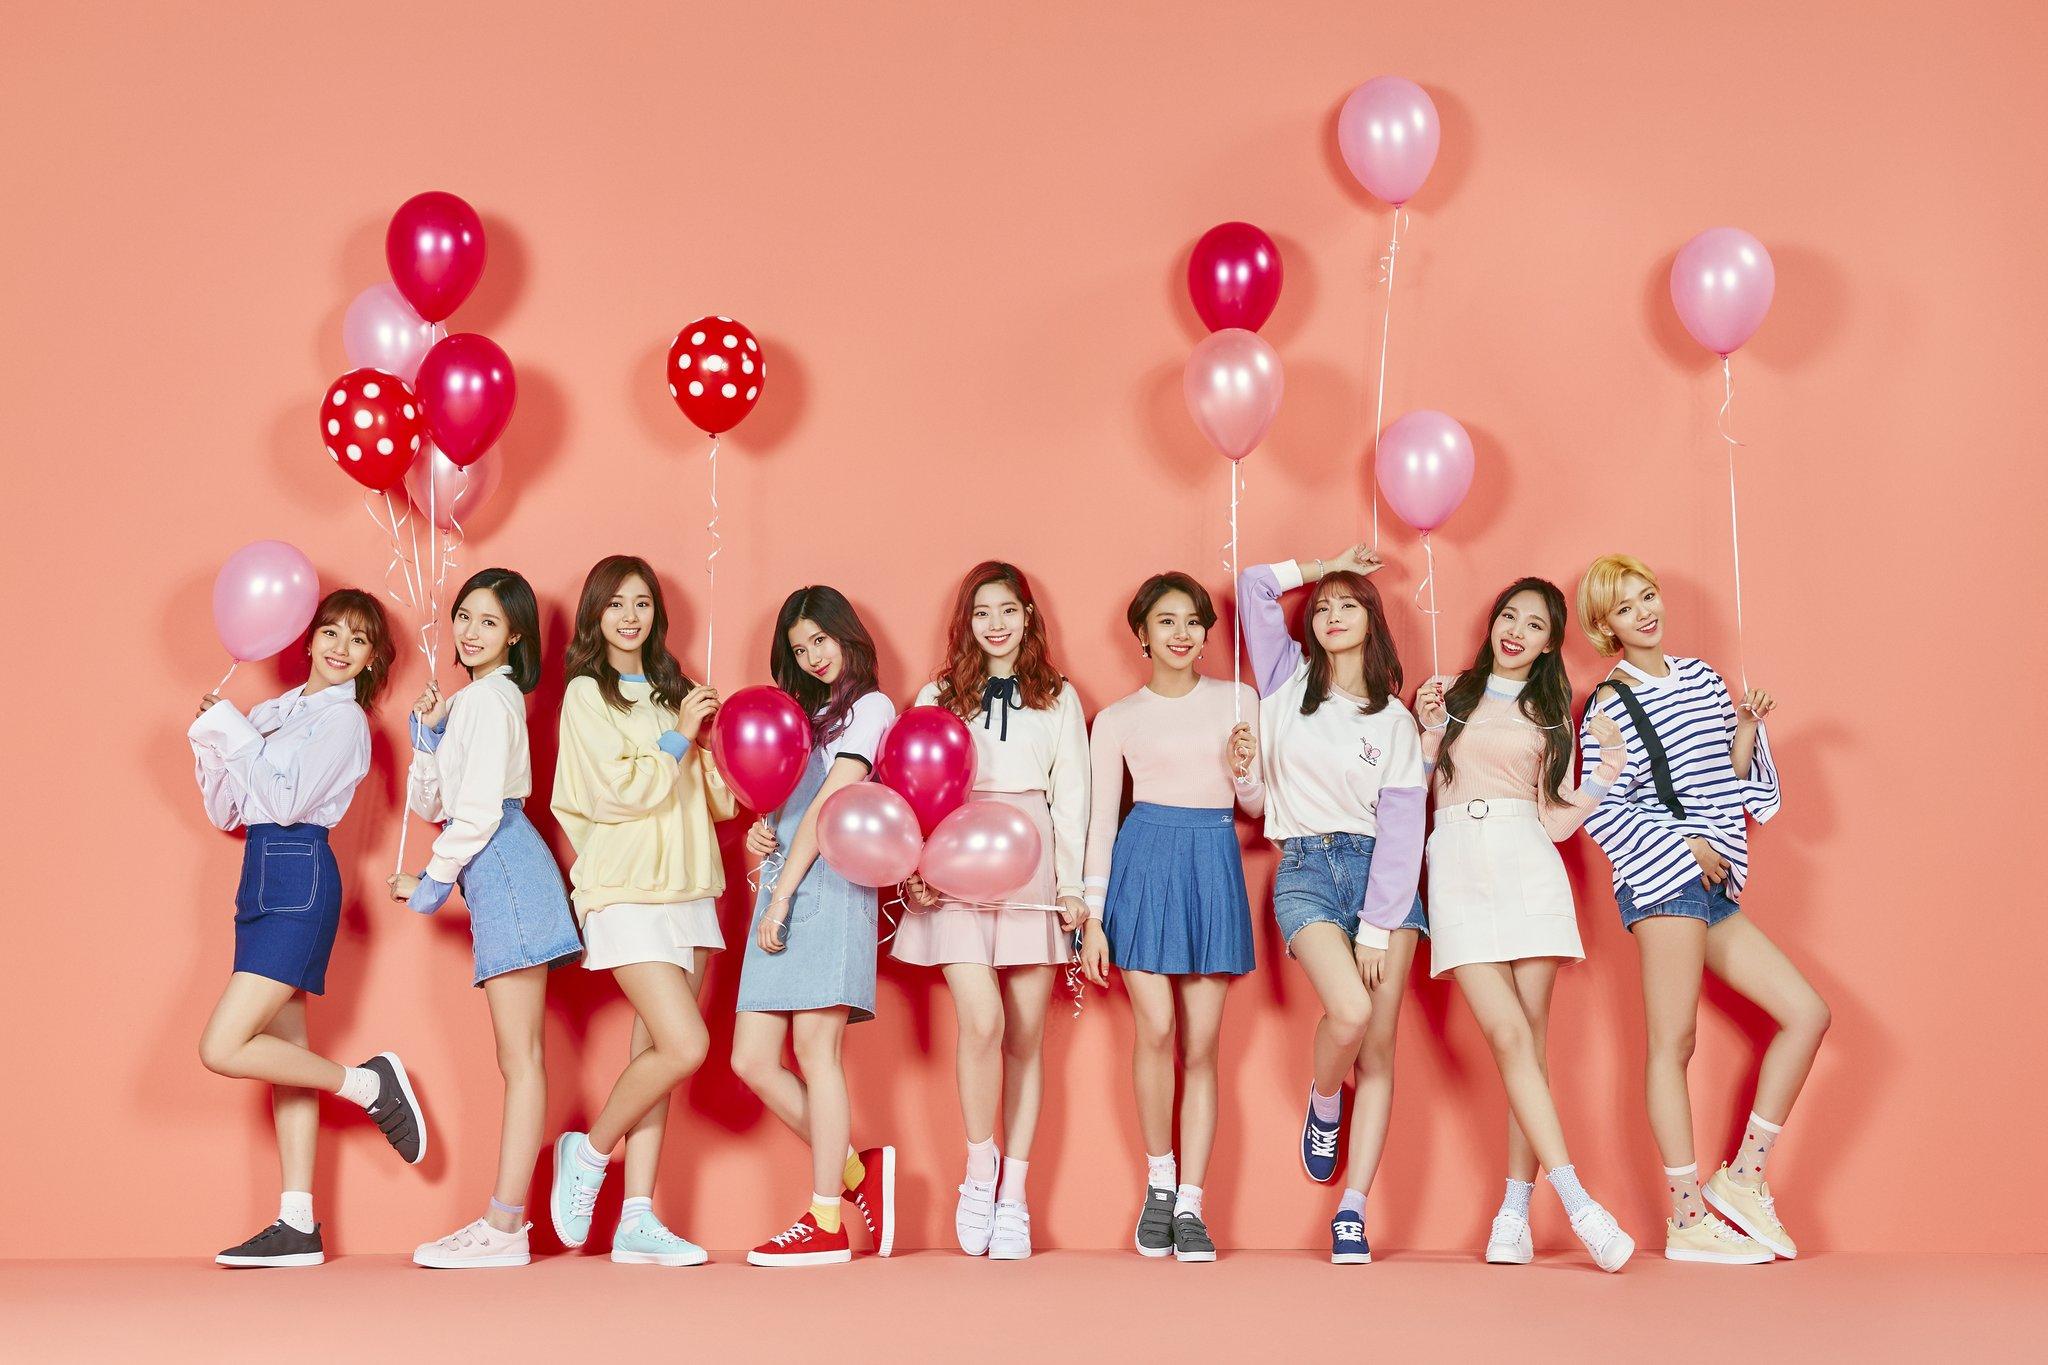 Wallpaper Twice K Pop Group Of Women Balloon 2048x1365